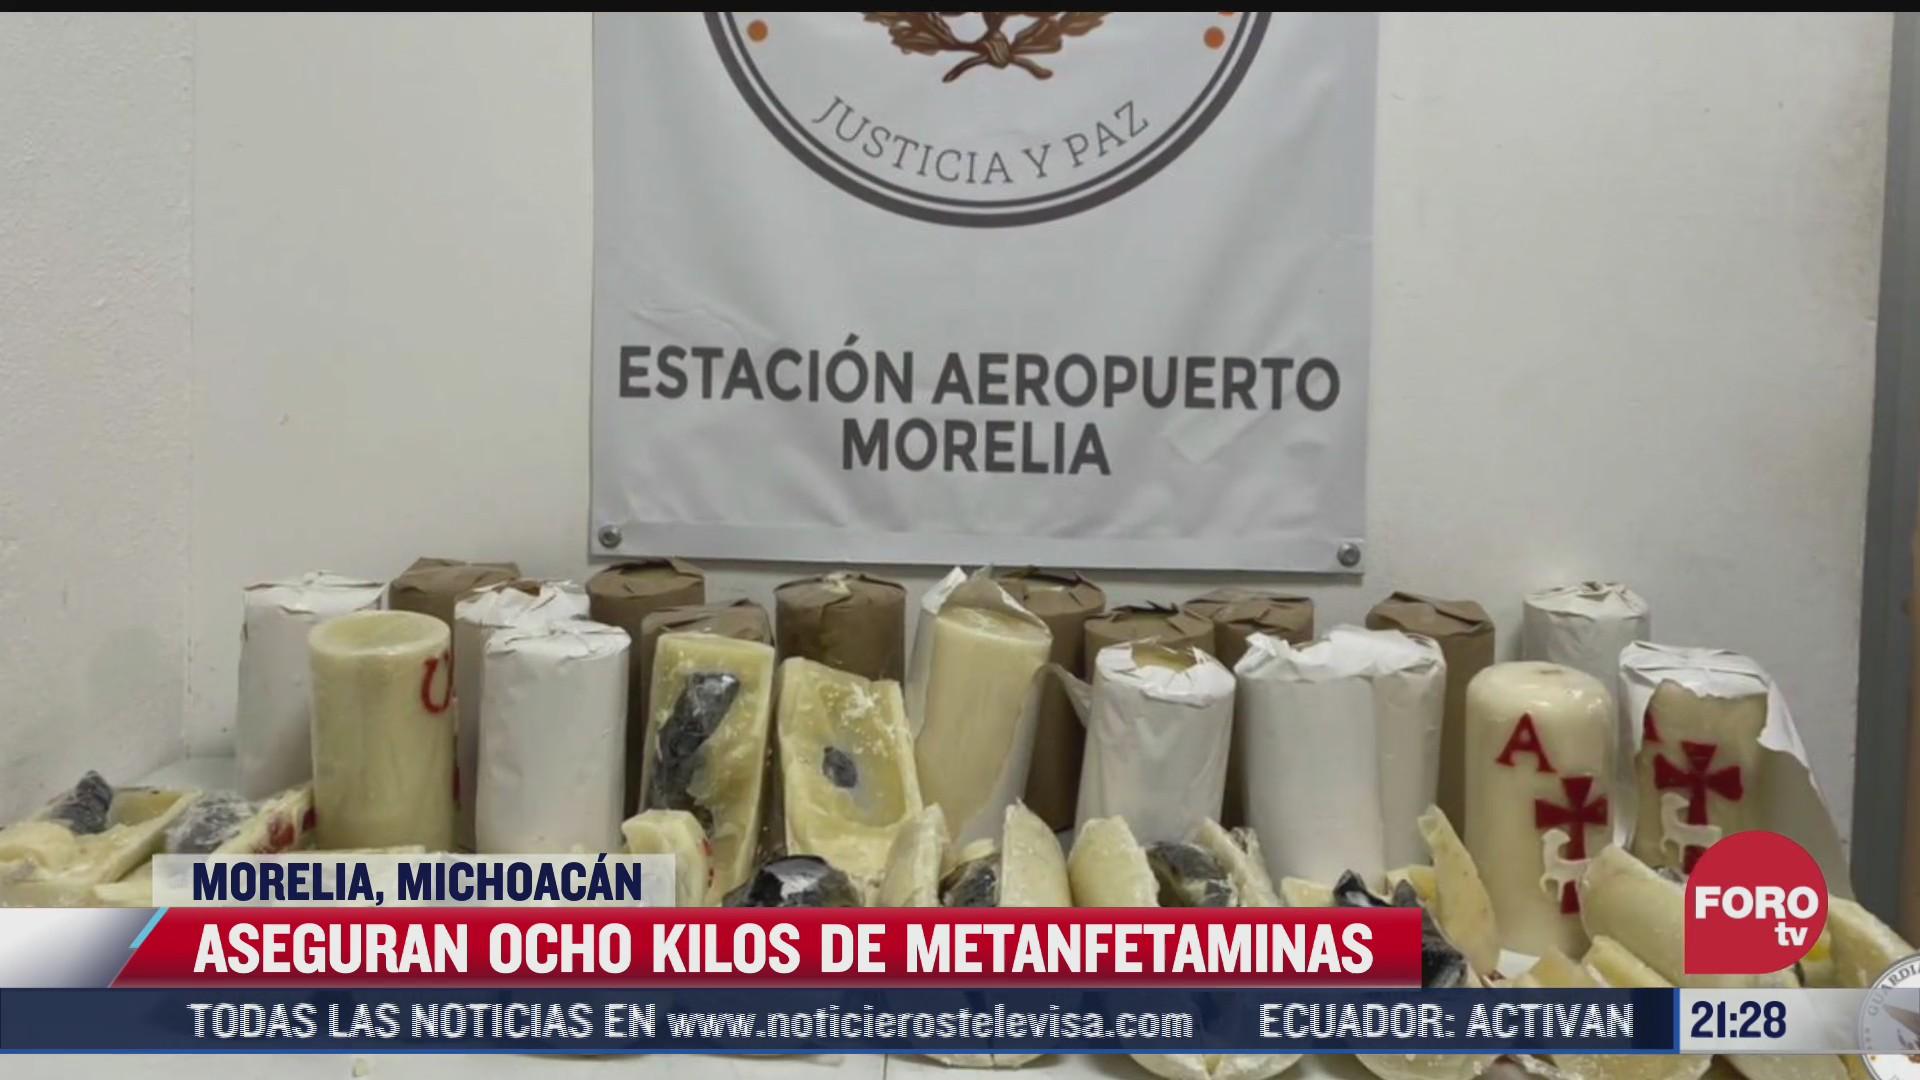 aseguran ocho kilos de metanfetaminas en morelia michoacan